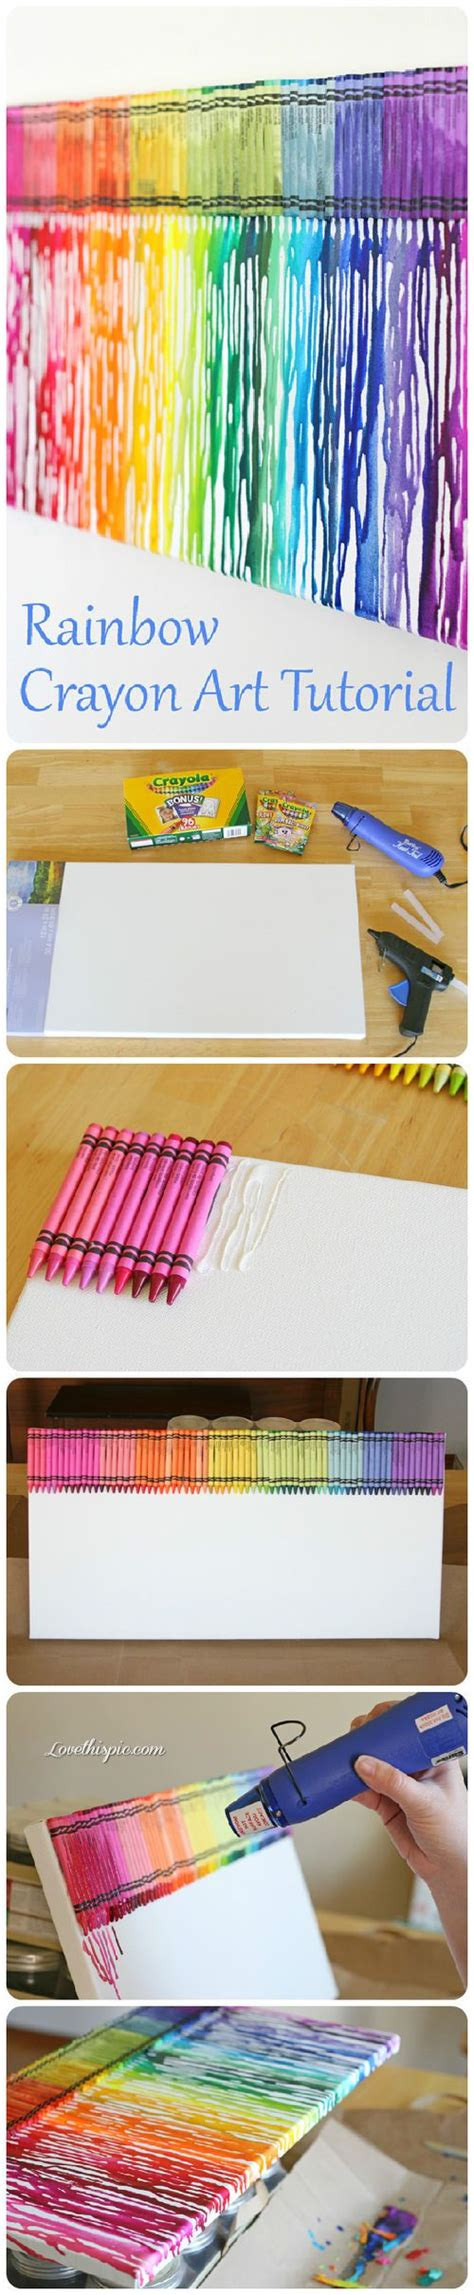 diy crafts with crayons diy rainbow crayon tutorial colorful crayons diy crafts home made easy crafts craft idea